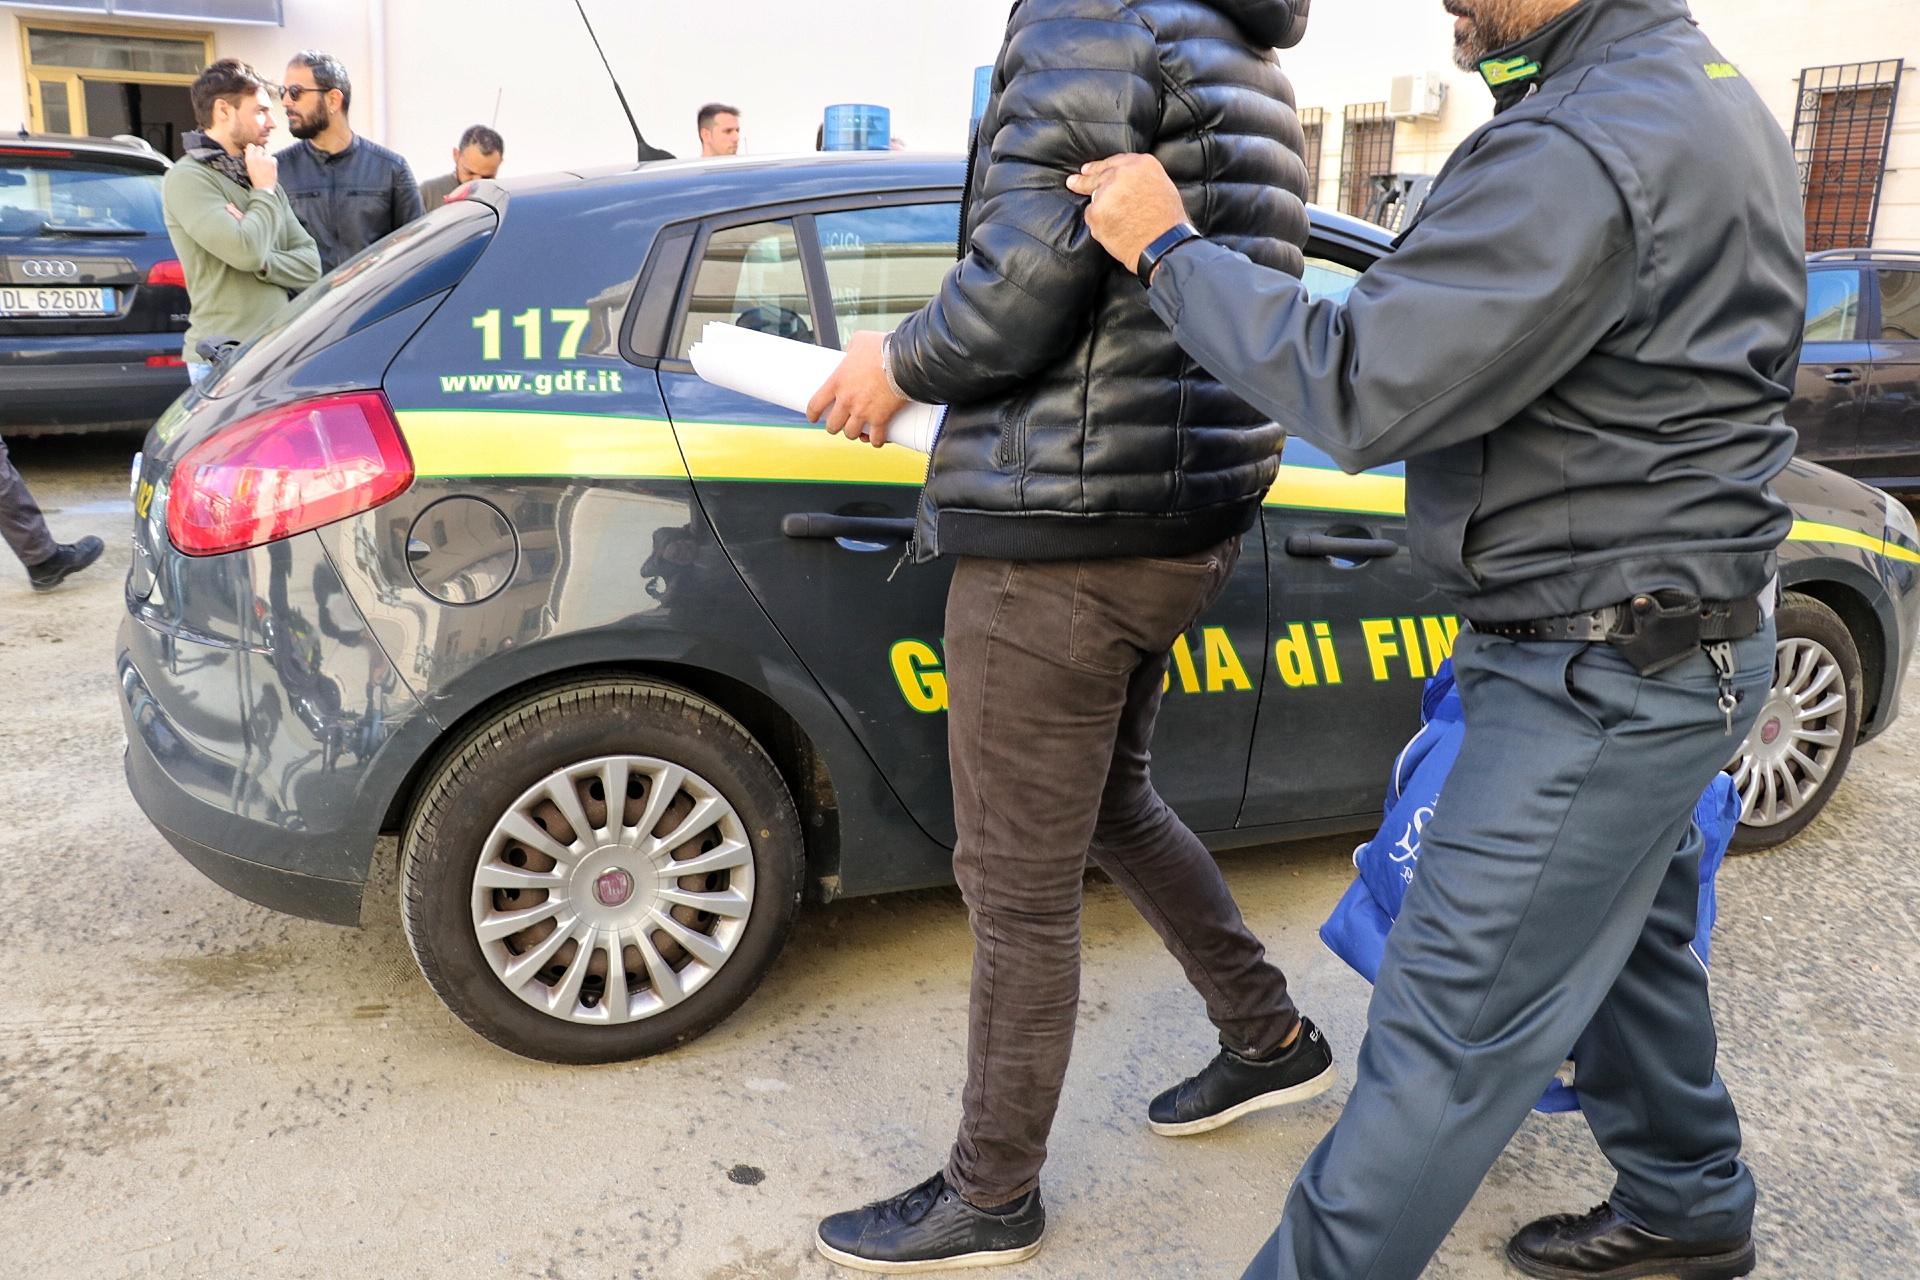 reggio-calabria,-in-corso-maxi-operazione-contro-la-'ndrangheta:-almeno-70-arresti,-sequestri-per-un-miliardo-di-euro